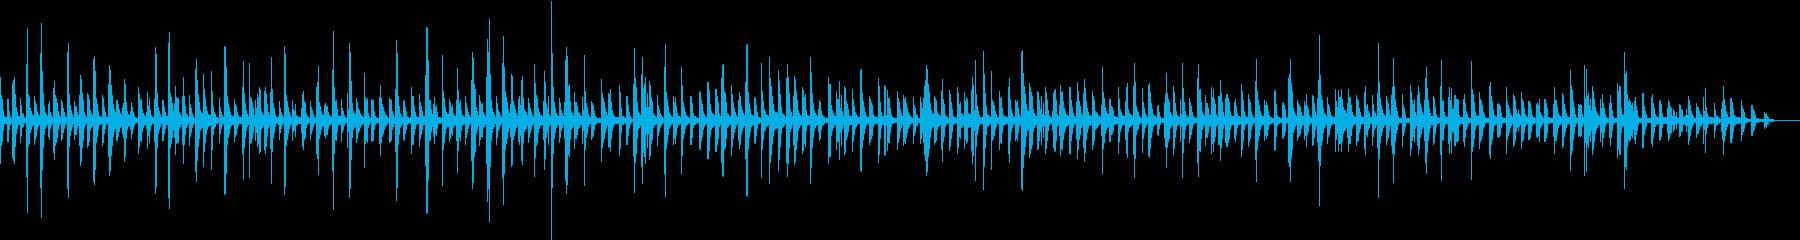 ヒーリング癒しのピアノソロBGMの再生済みの波形